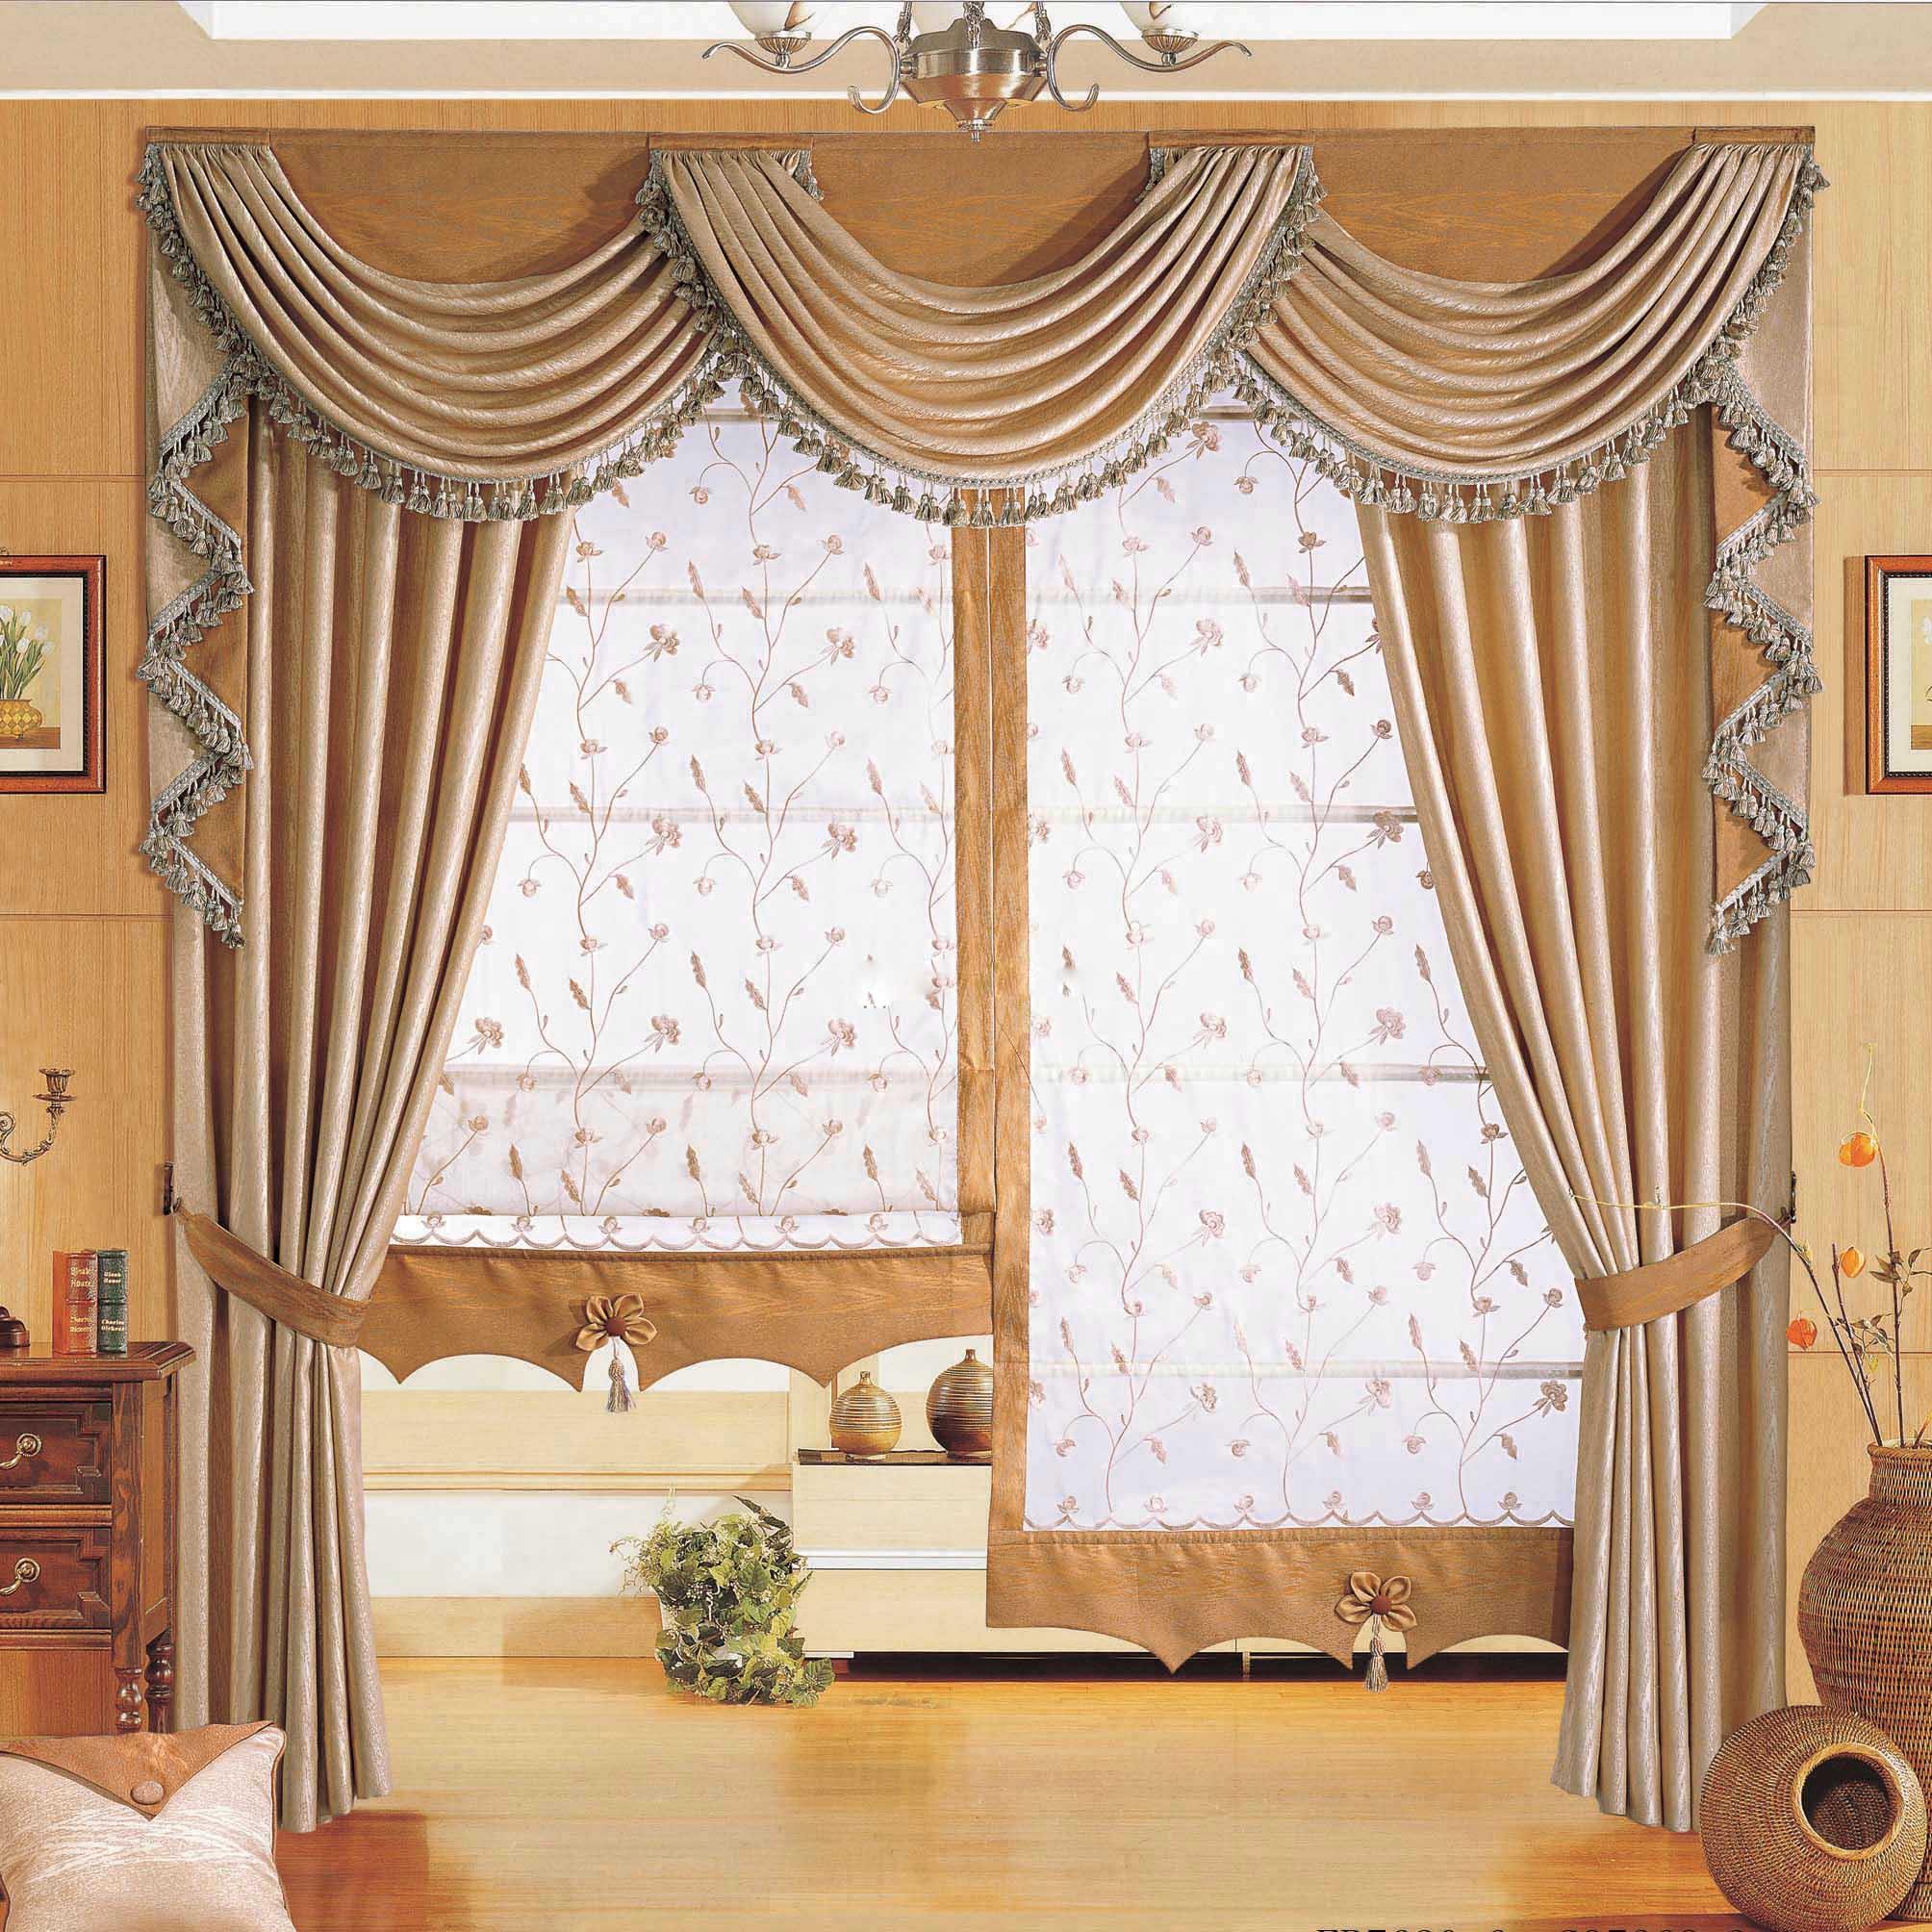 春秋窗帘建议您如何选择窗帘搭配窗帘图片